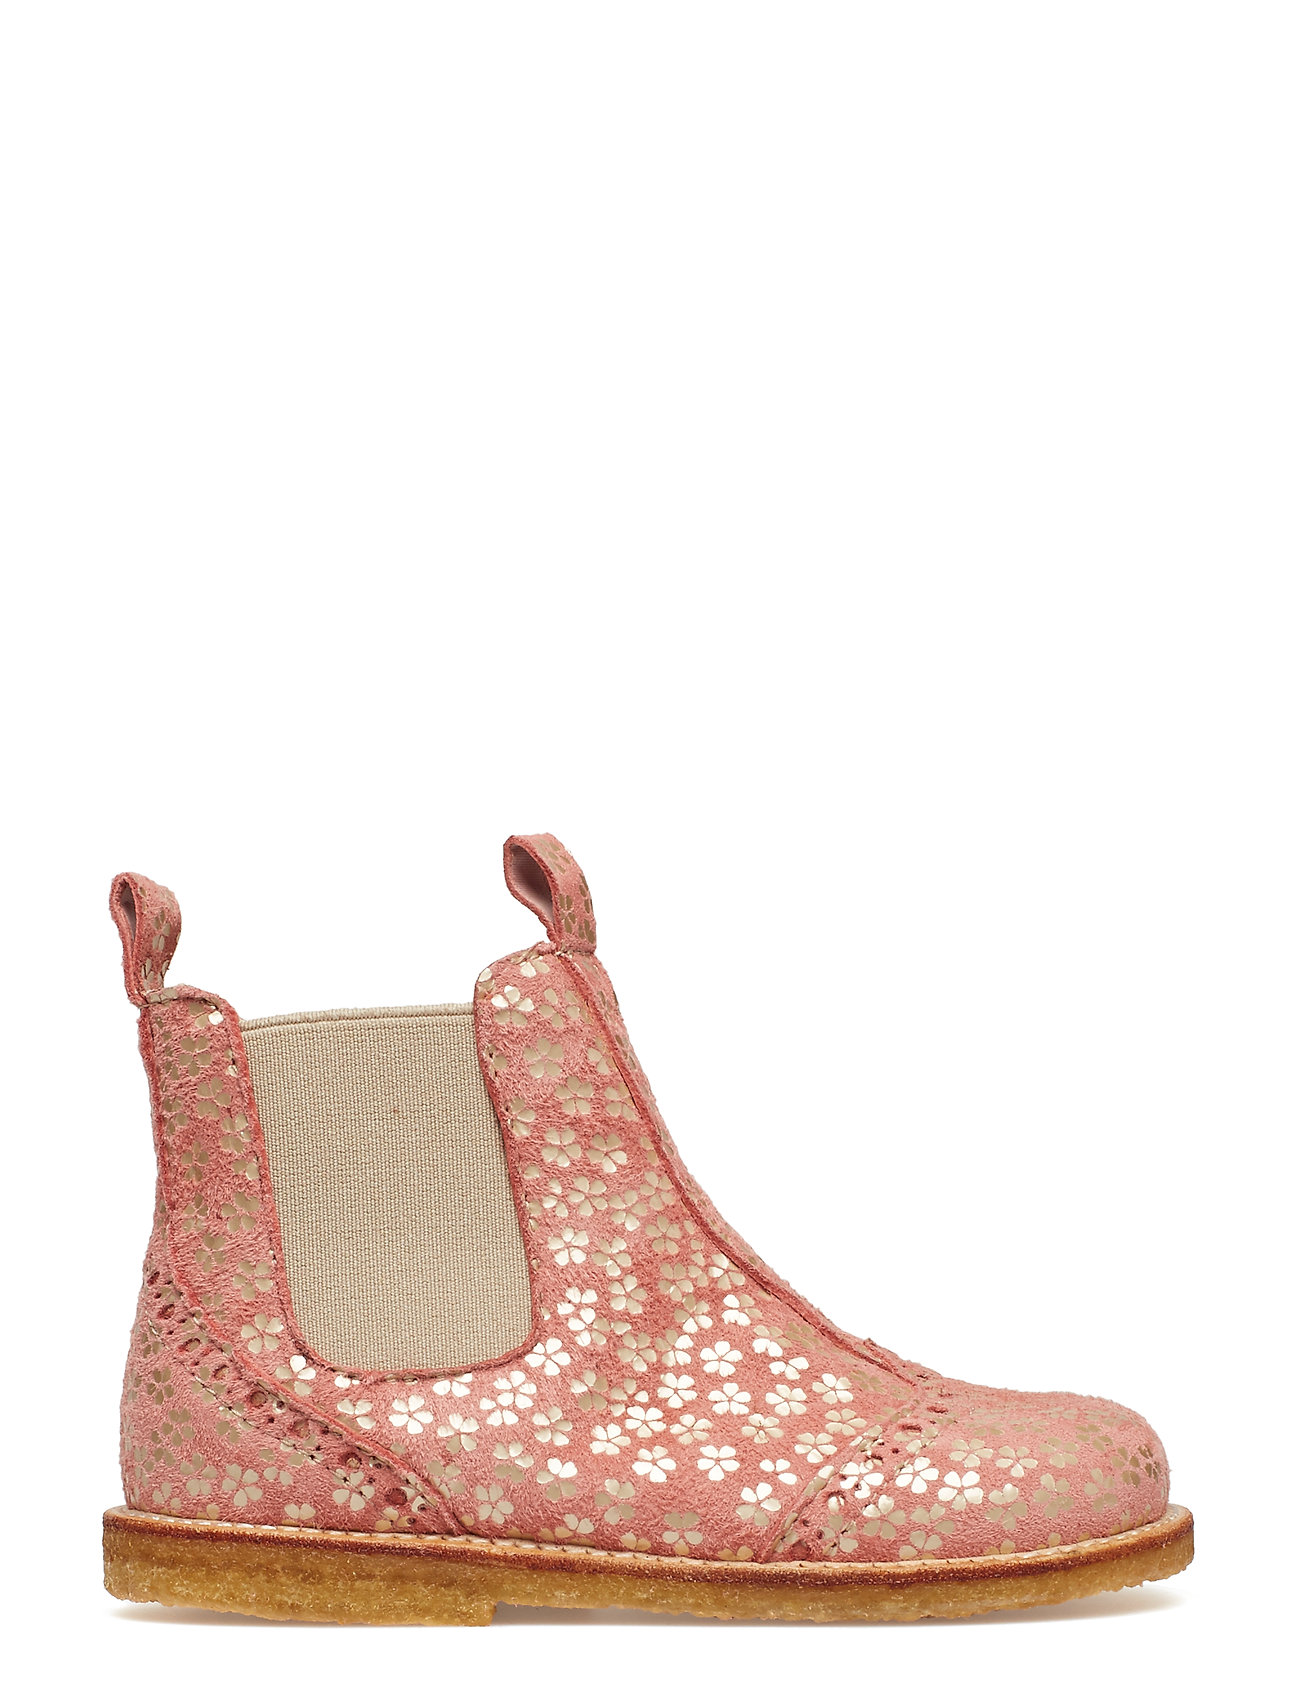 9e18fc467b8 ANGULUS støvler – 6024 til børn i 1433/010 MAKEUP/BEIGE - Pashion.dk